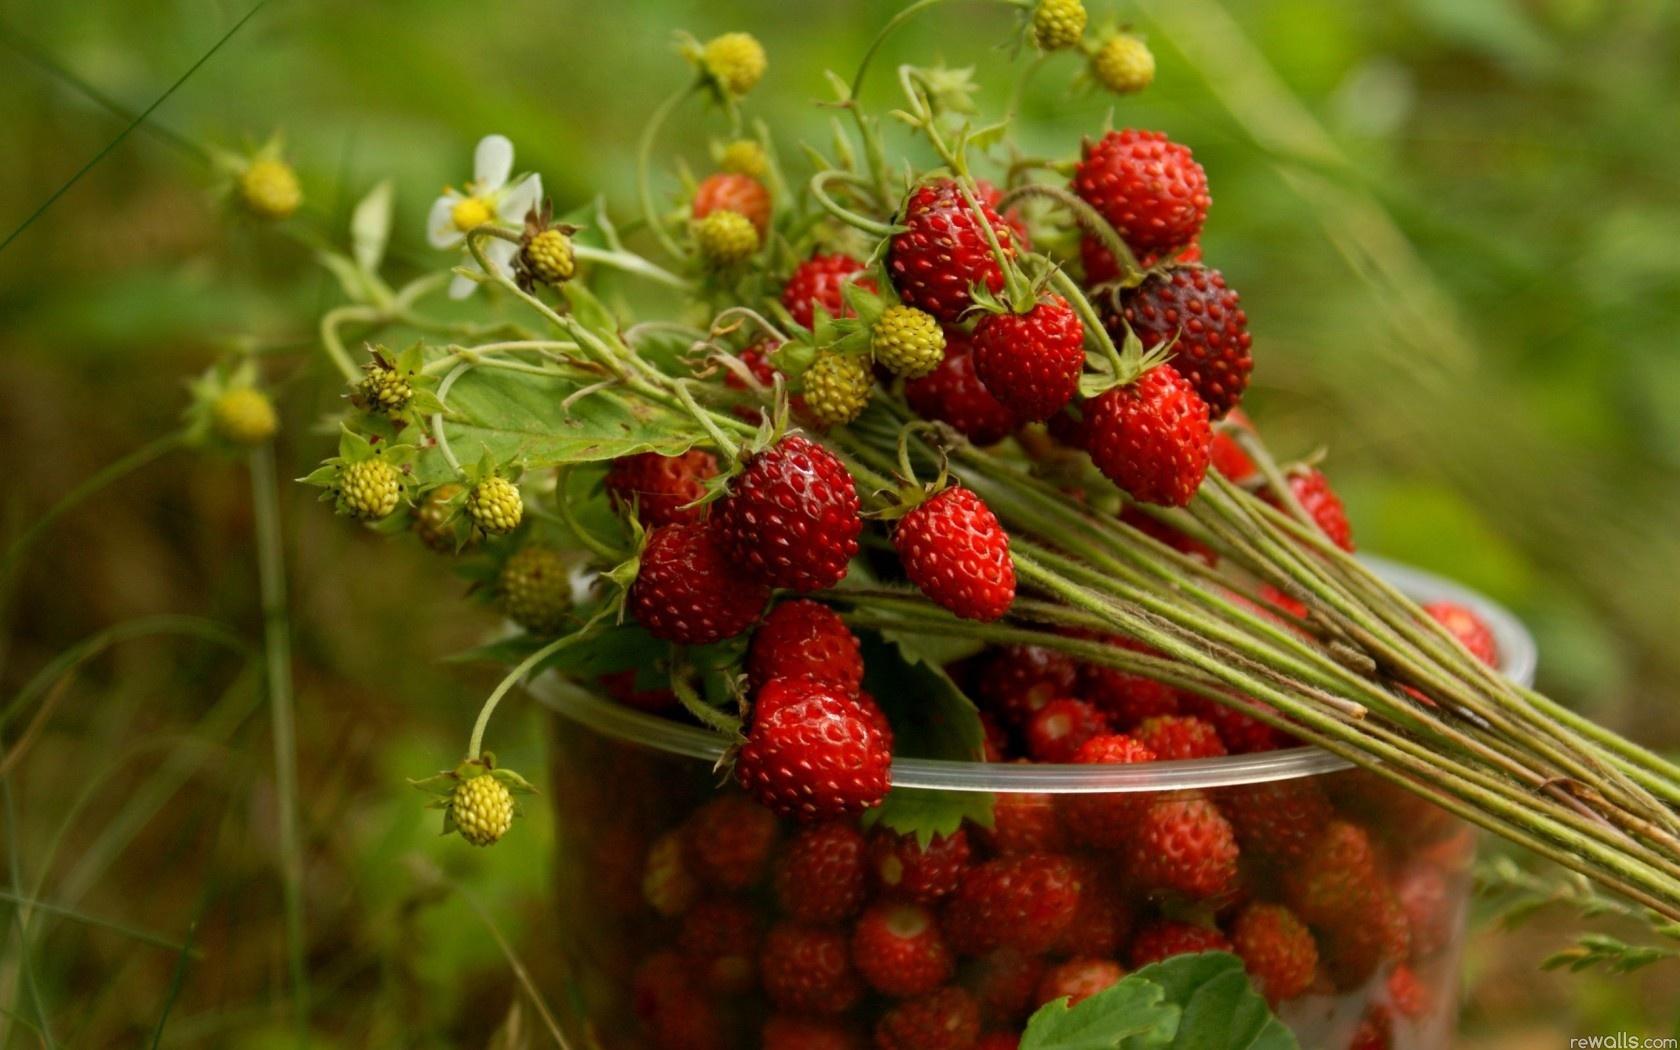 Природа пейзаж лето земляника ягоды